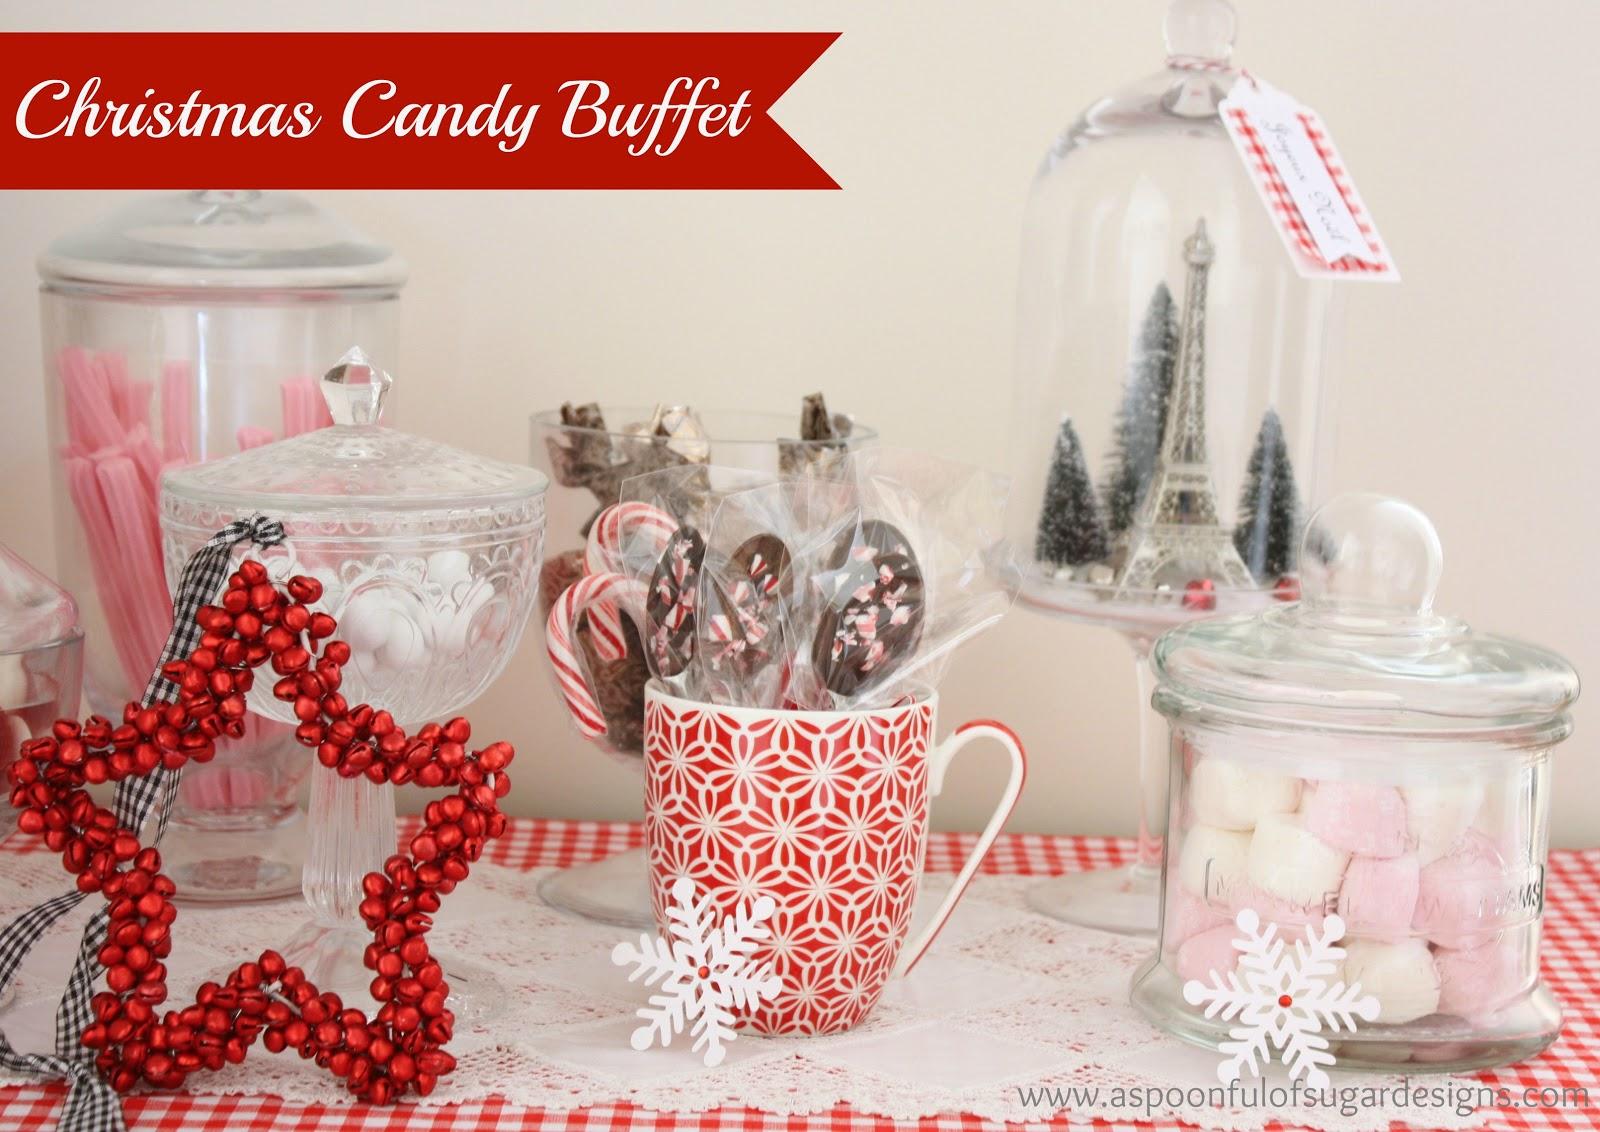 http://2.bp.blogspot.com/-0F-dY6SEGpc/UNZlnNQQvfI/AAAAAAAANMo/7mJTZ189Rzs/s1600/Candy+Buffet+5.jpg